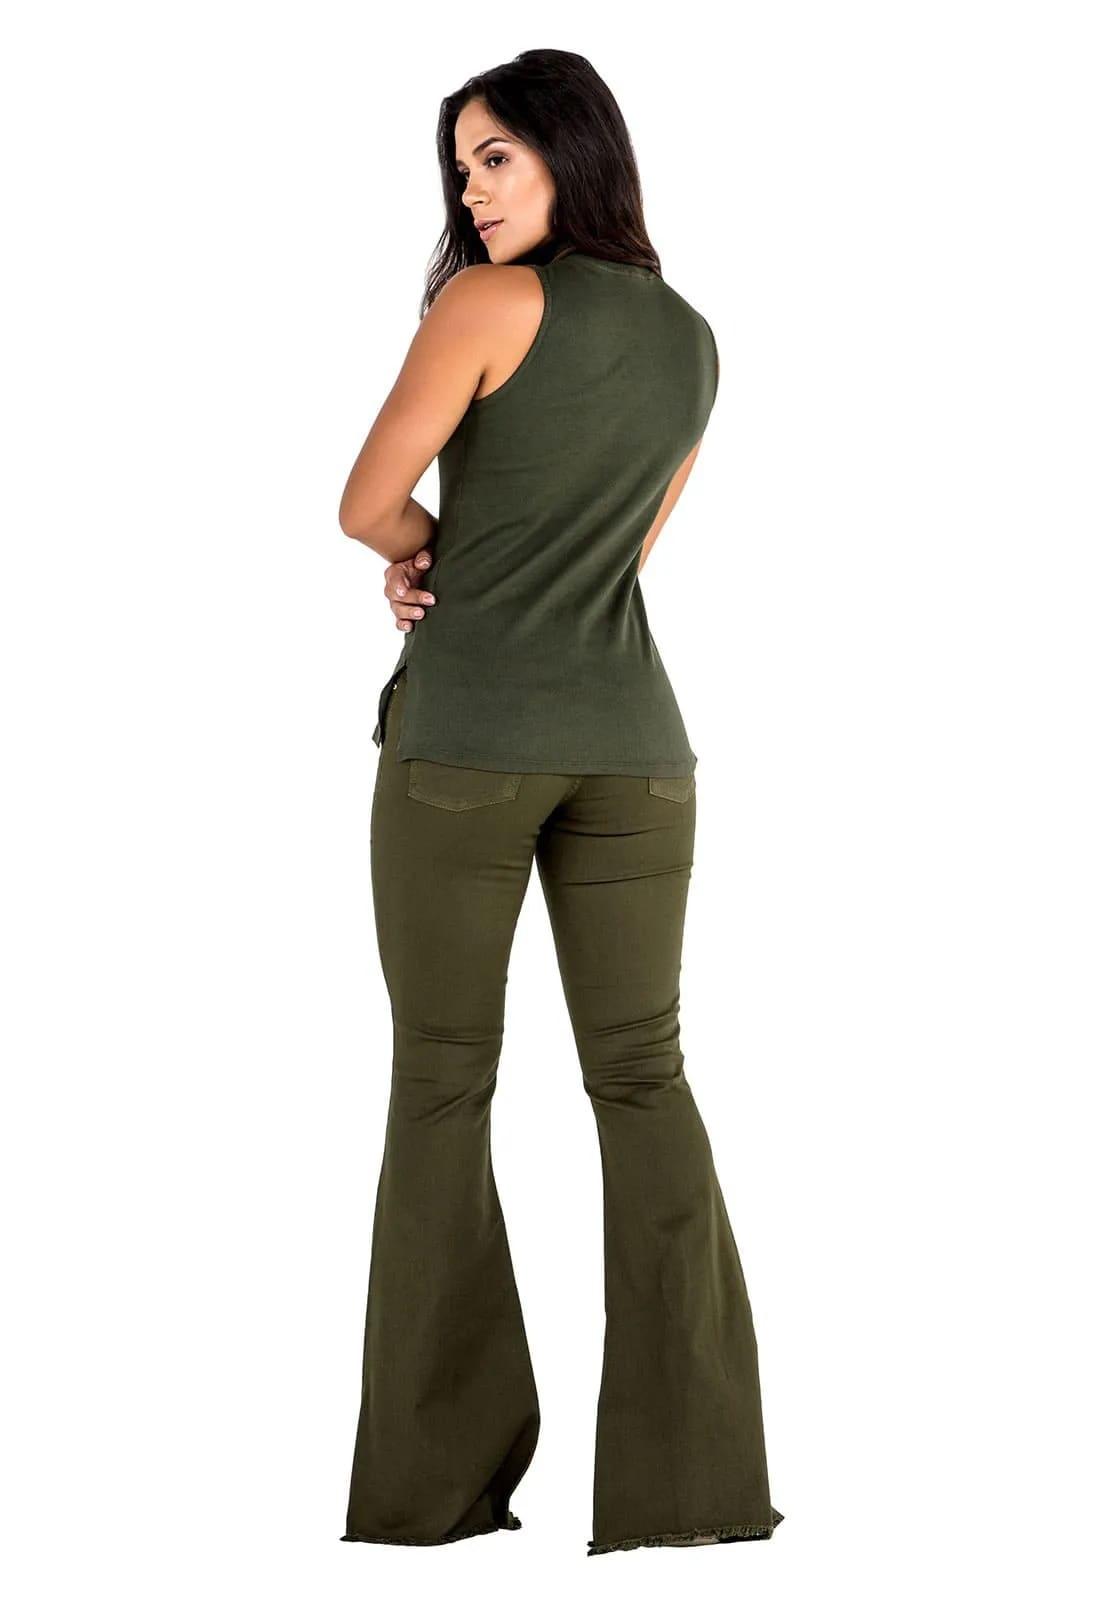 2 Blusas Feminina Latifundio Gola Alta - Cores Páprica e Verde Militar